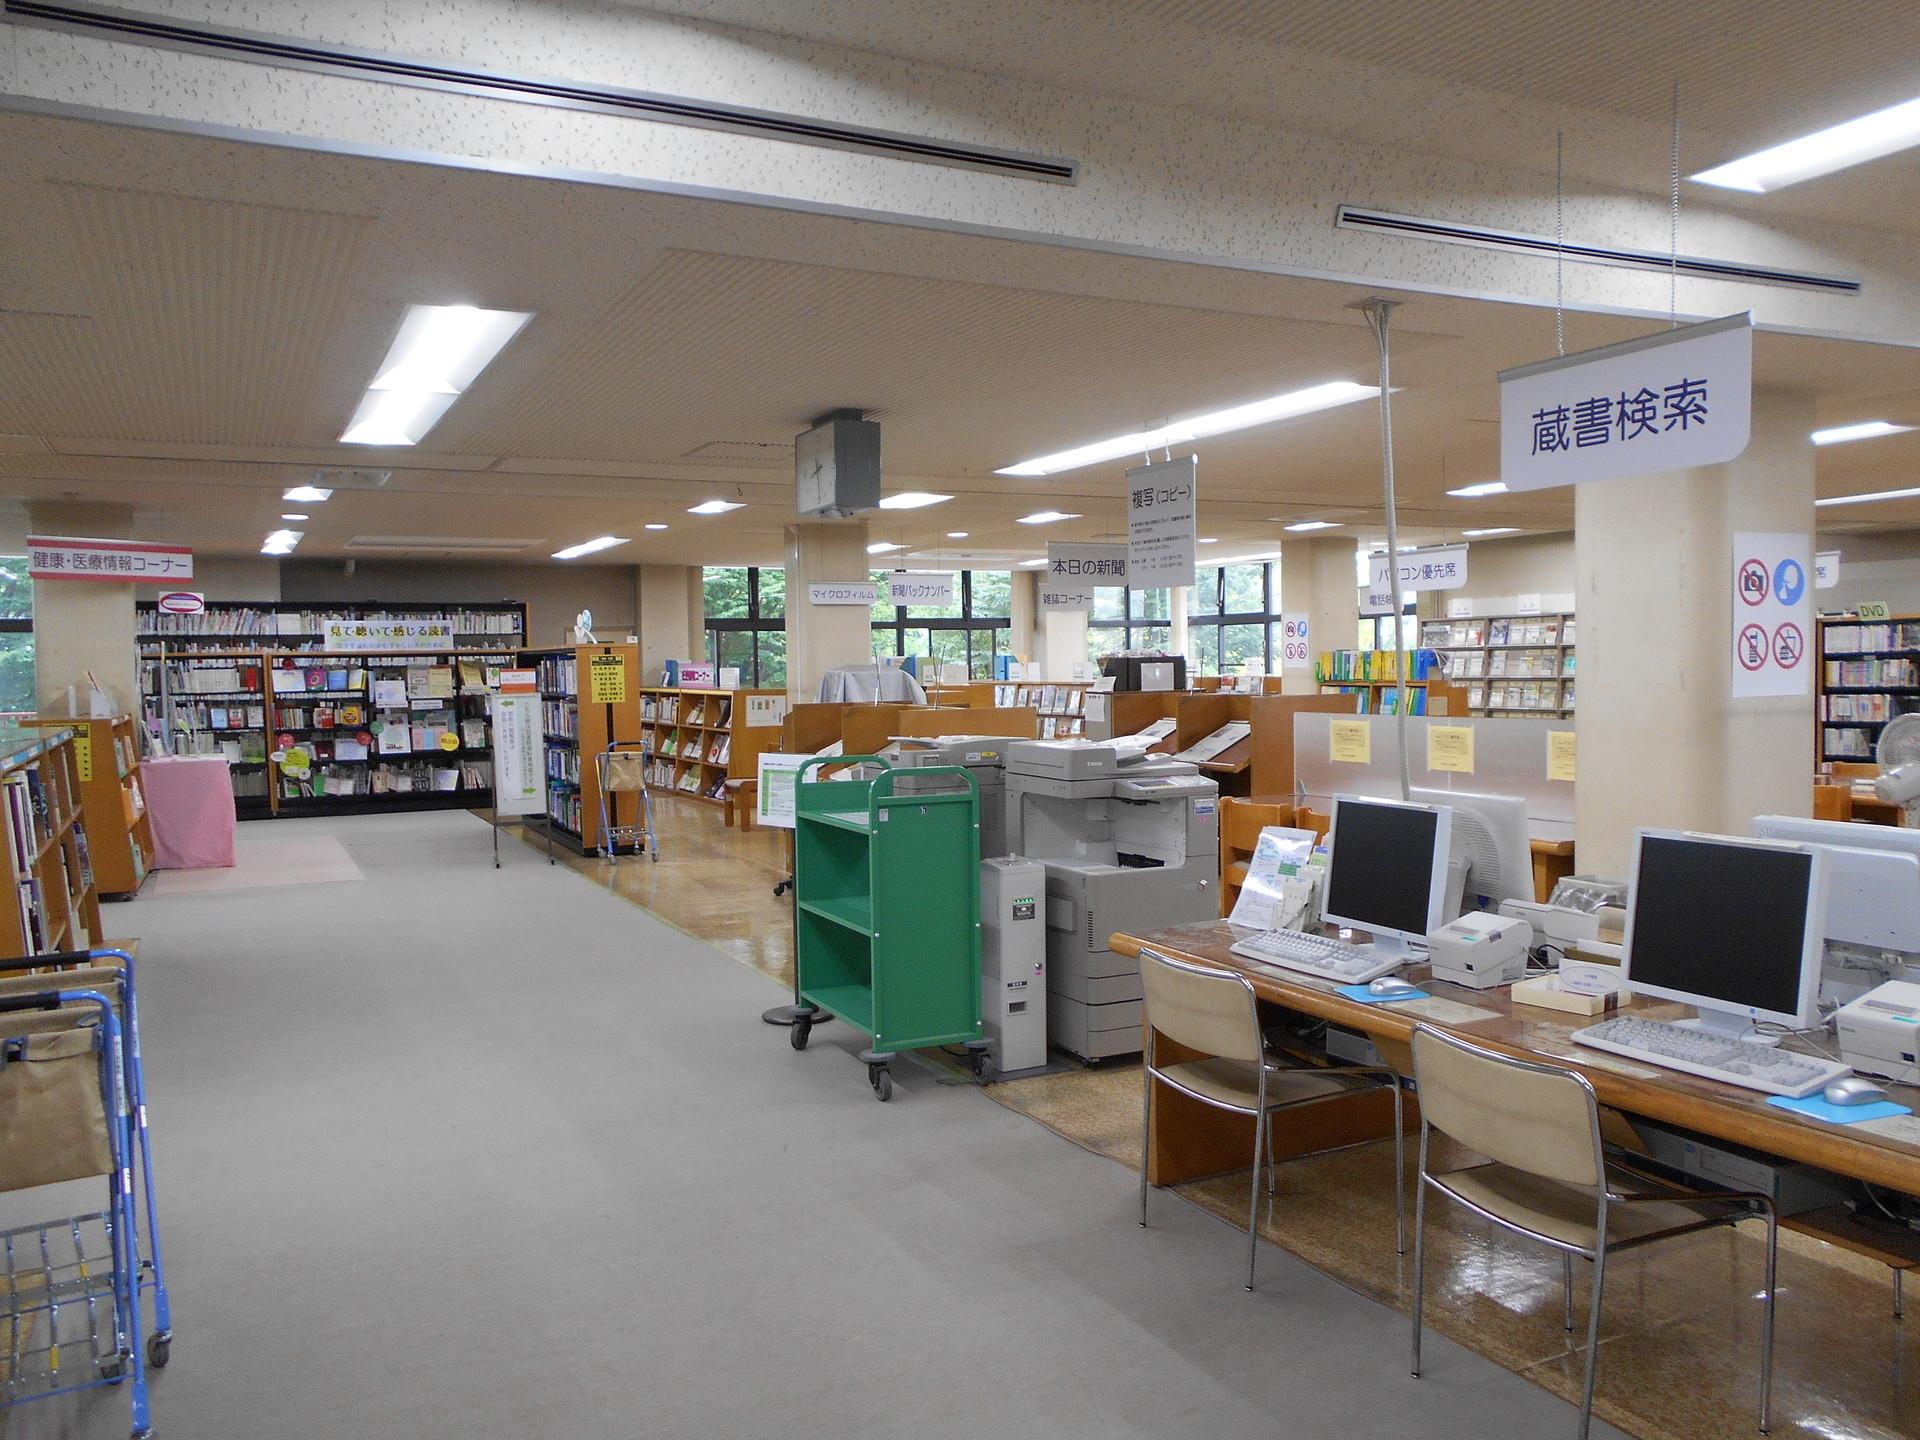 久喜図書館の耐震補強等の工事が終了しました!: 埼玉県立図書館ブログ